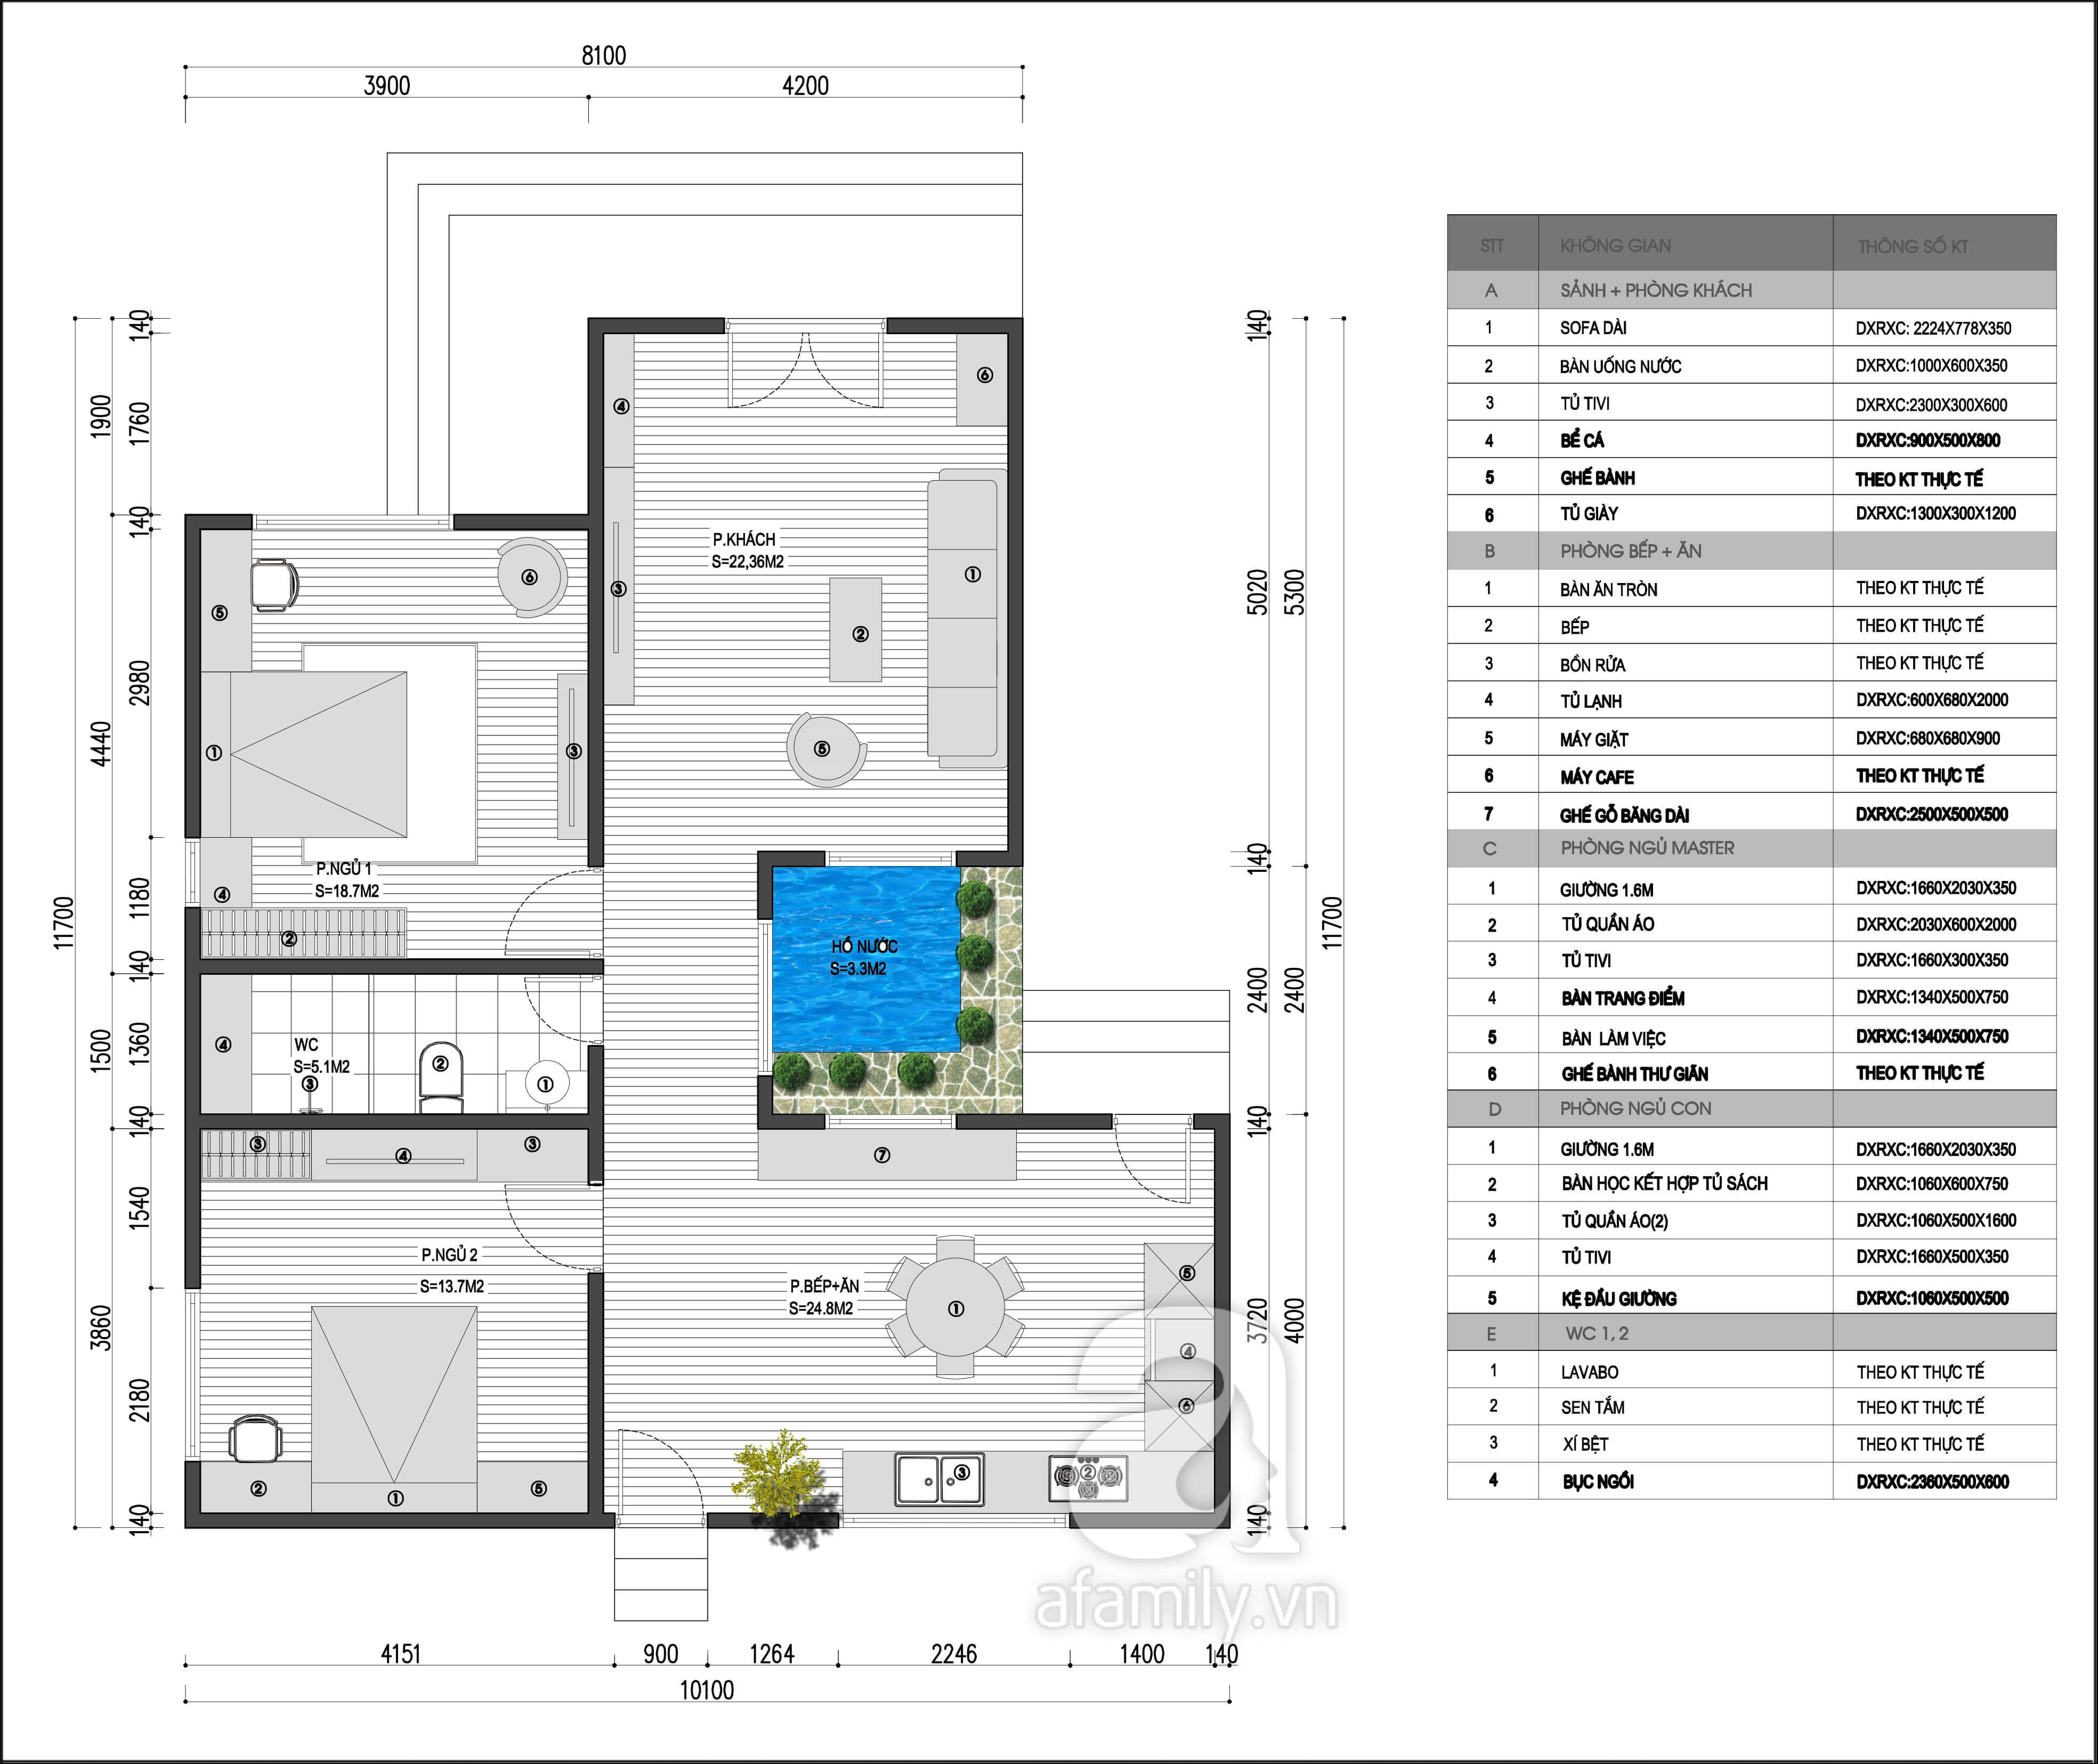 Mặt bằng tư vấn thiết kế nội thất nhà cấp 4 cho chủ nhà mệnh Kim.